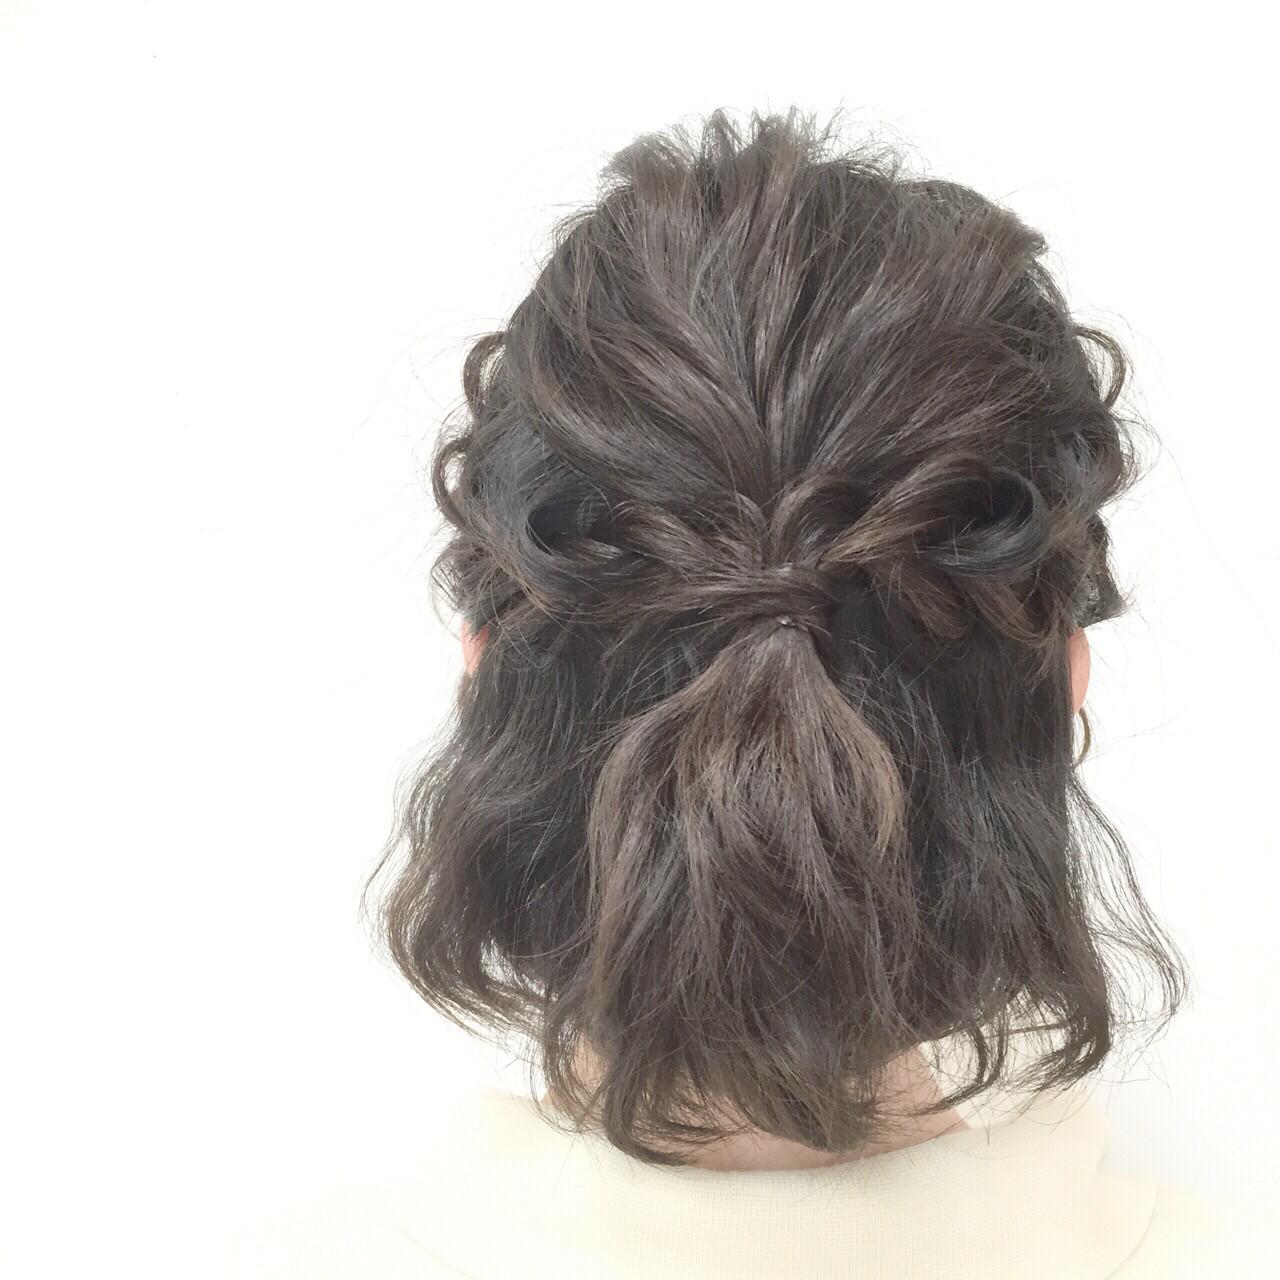 モテ髪 編み込み 波ウェーブ 大人かわいい ヘアスタイルや髪型の写真・画像 | 北島 玲那 / MOSAIQUE